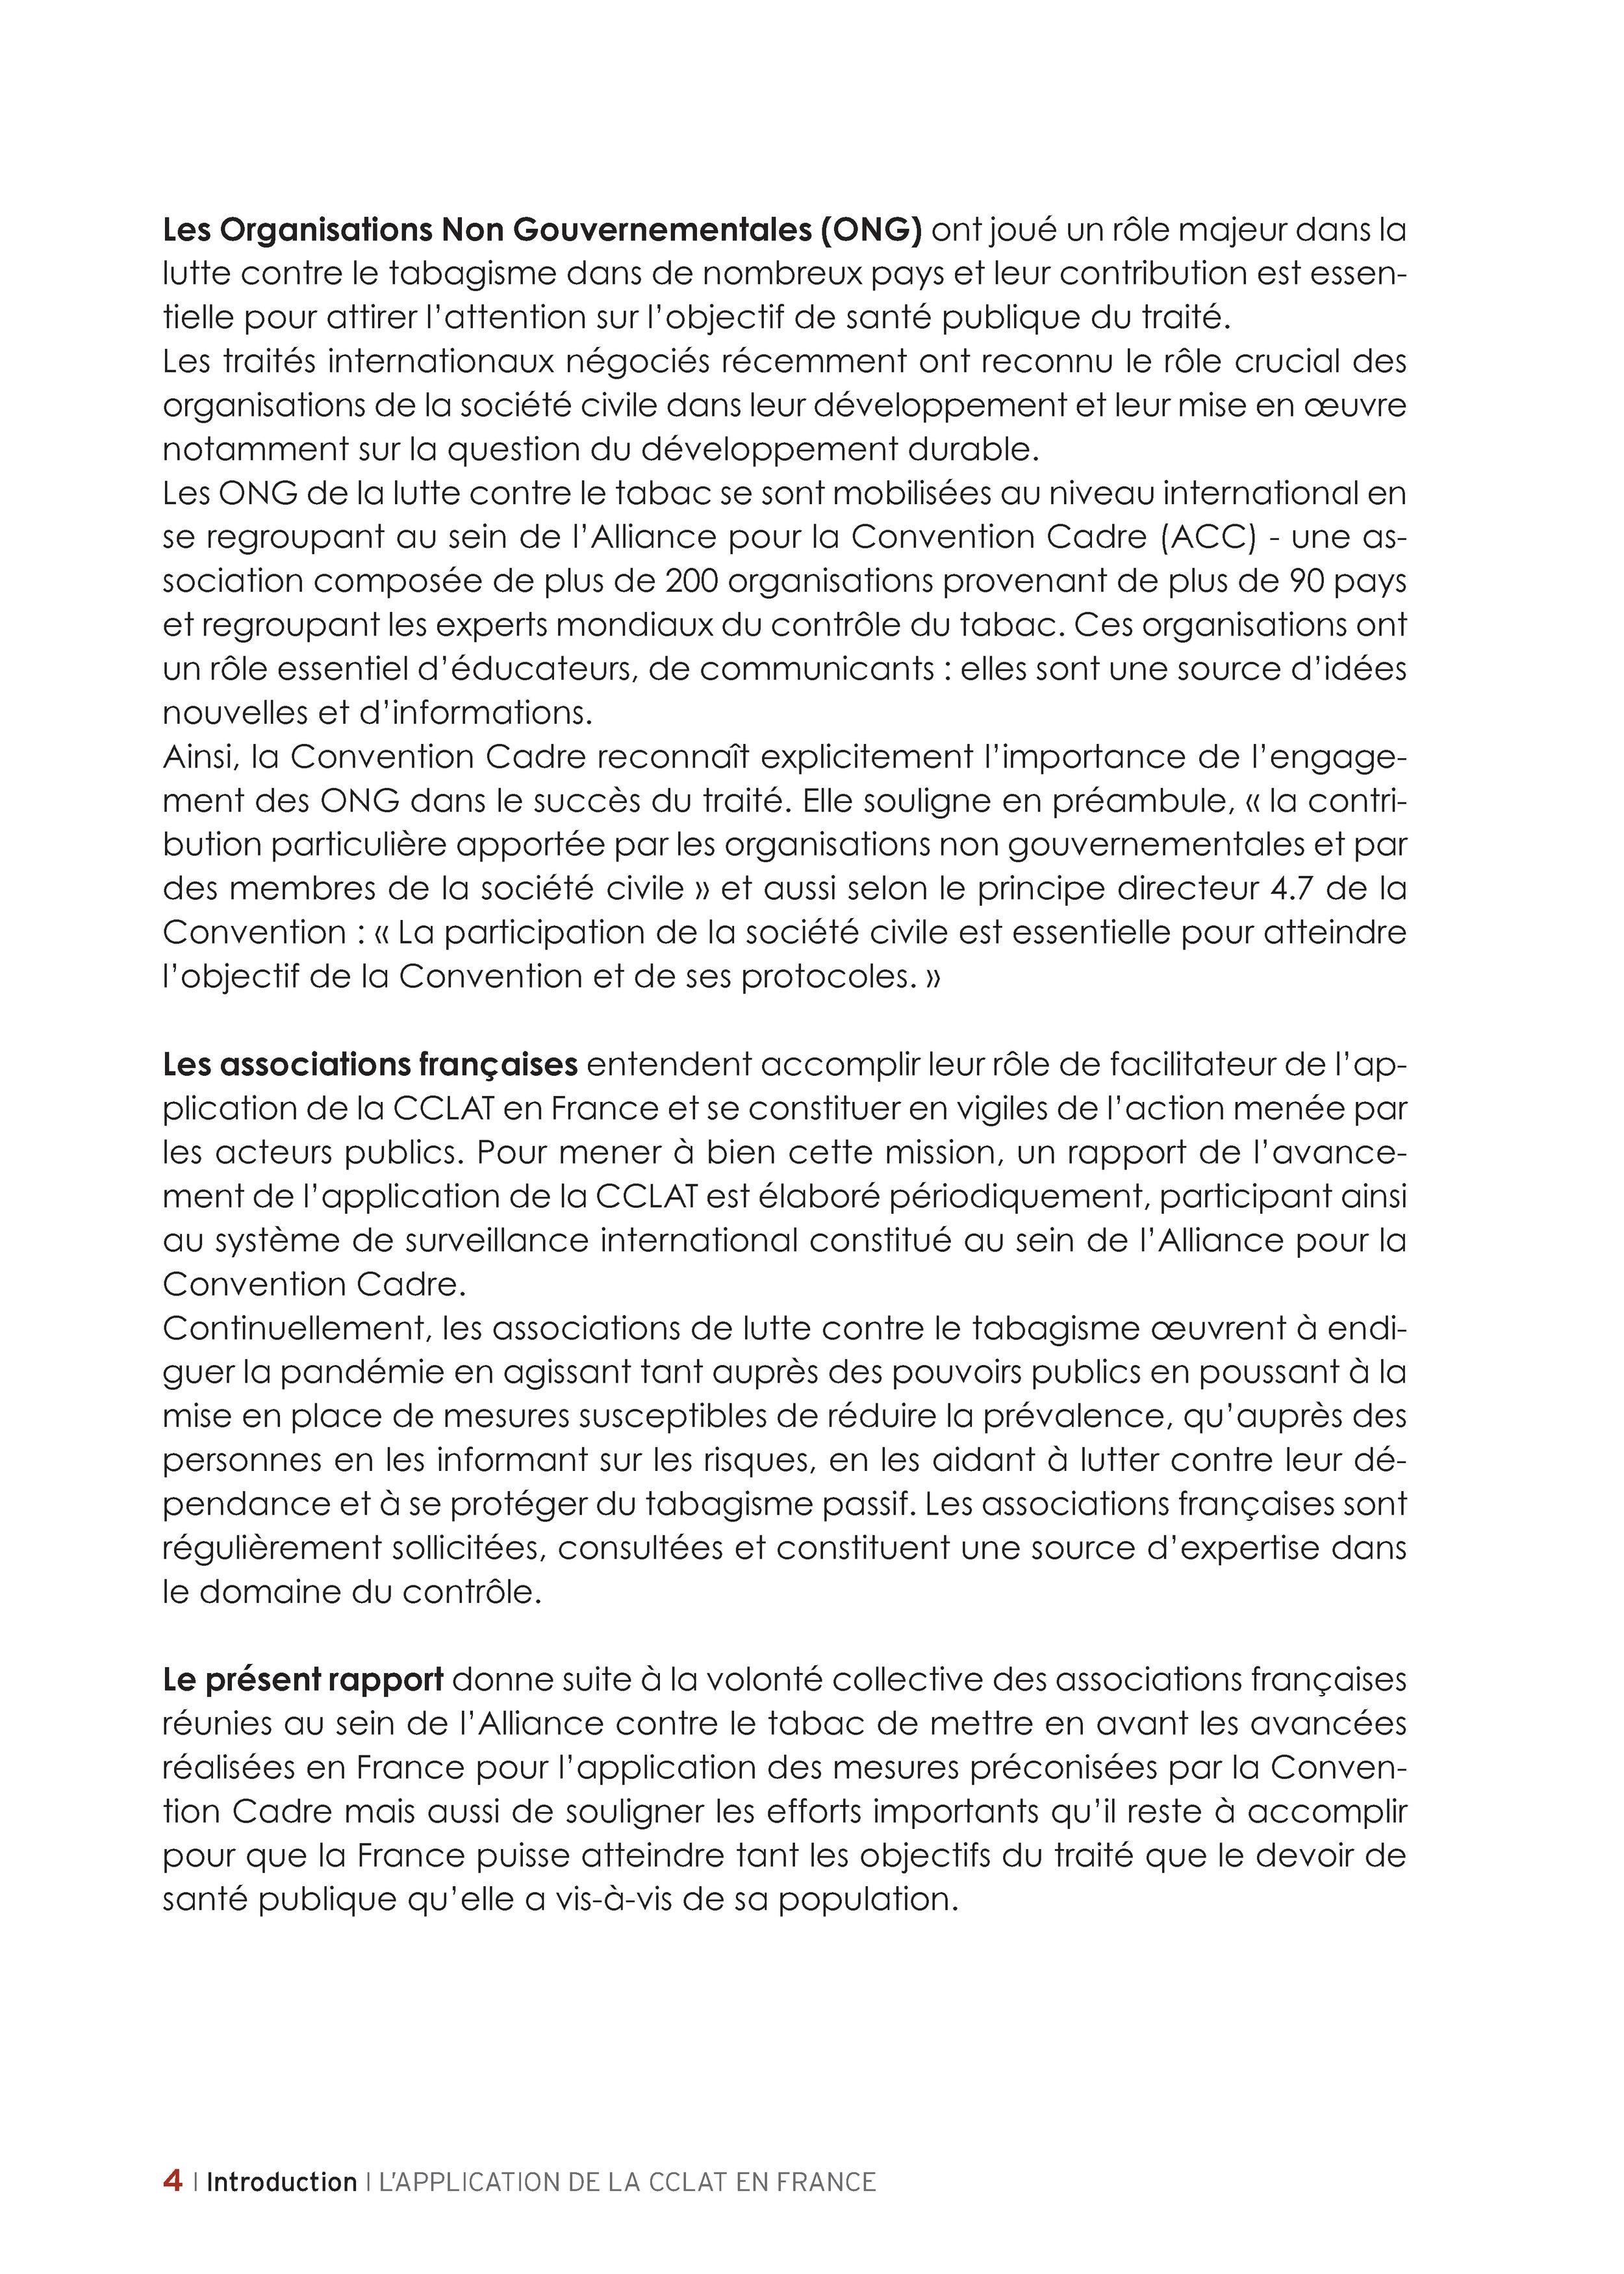 ACT_Etat-des-lieux-applicationCCLAT-france_FR_Page_06.jpg